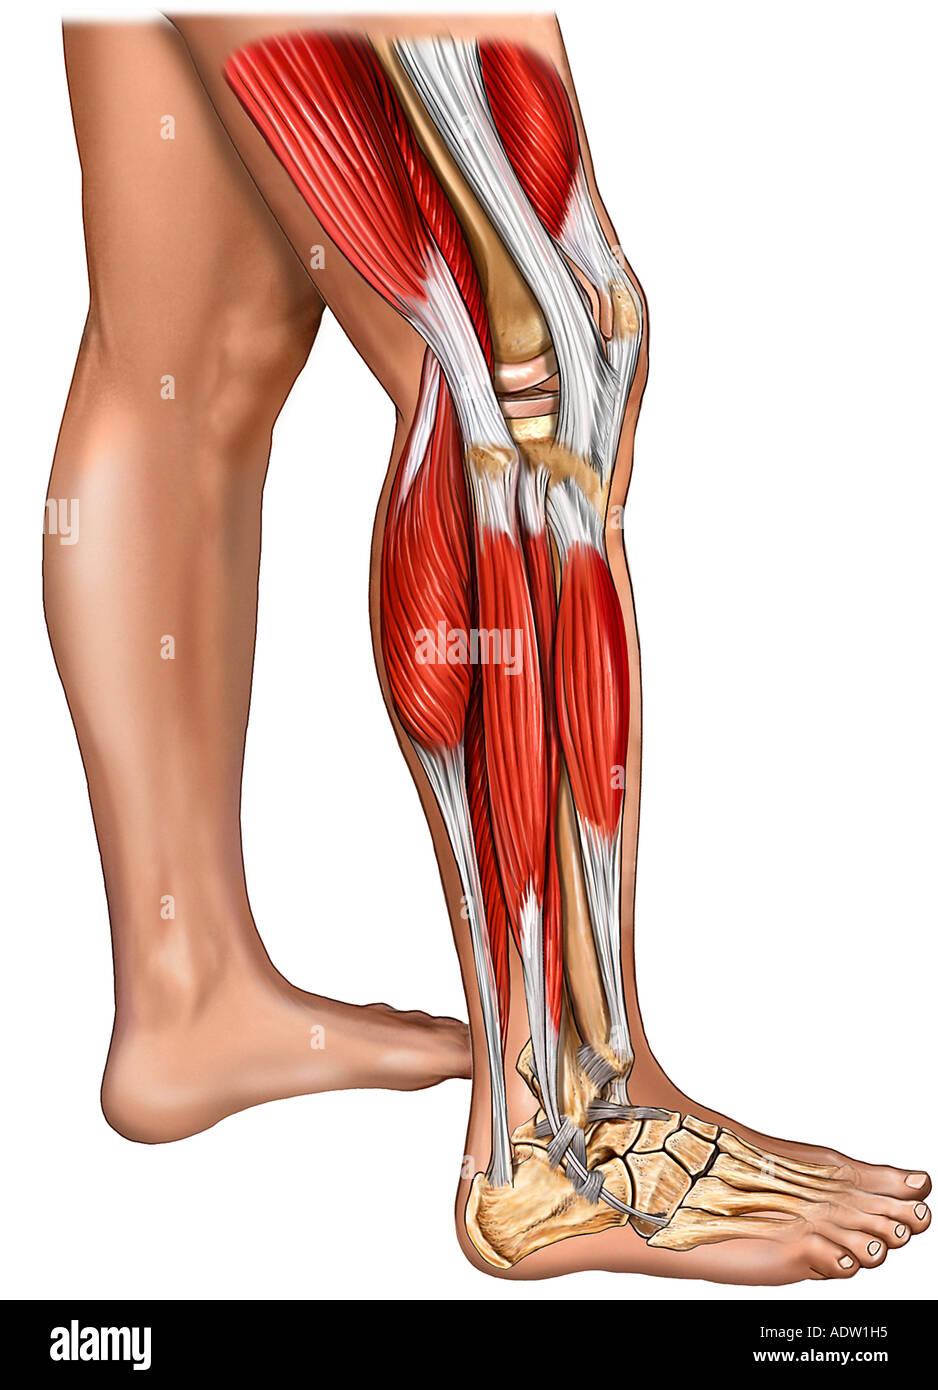 Muskeln des Unterschenkels, Knie und Fuß mit Haut: seitliche Ansicht ...